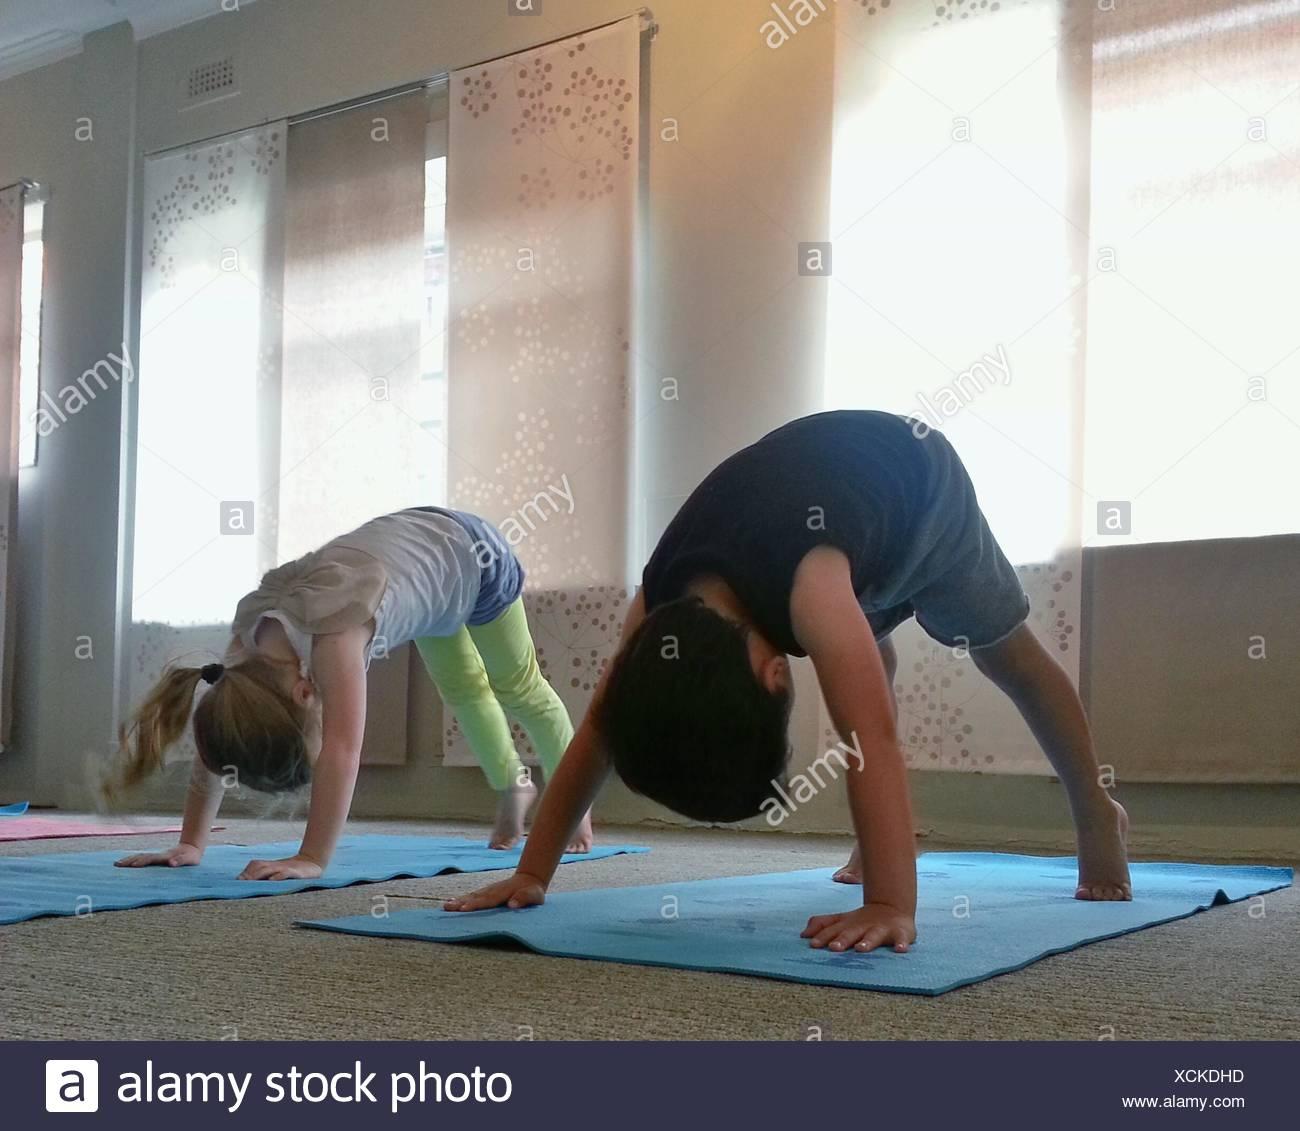 Deux enfants faisant bas yoga pose Photo Stock